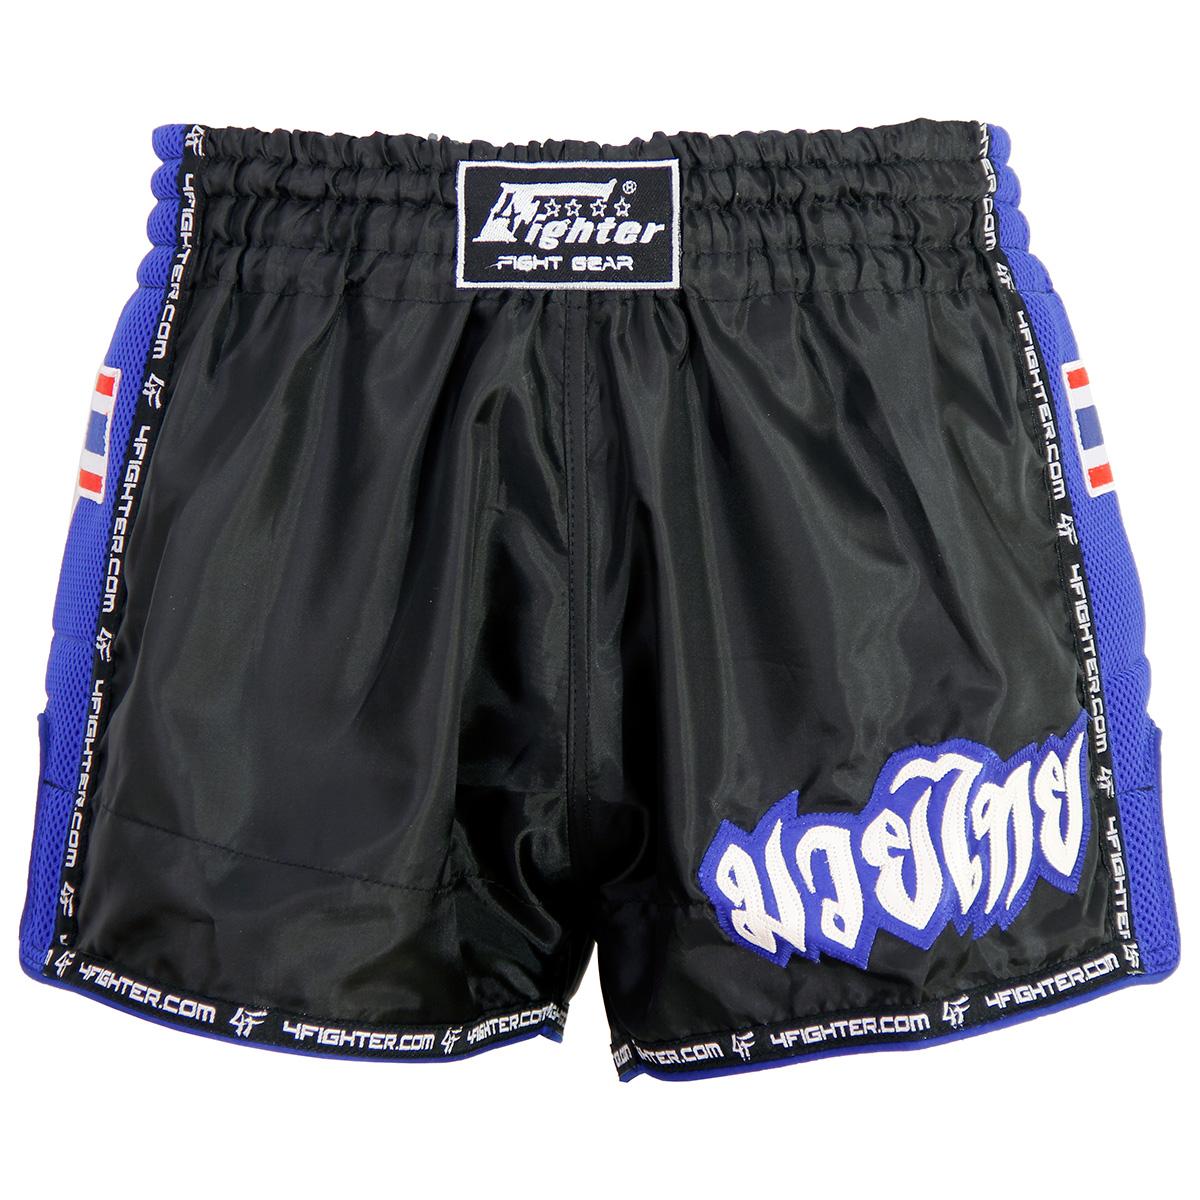 4Fighter Low Waist Muay Thai Shorts schwarz mit blauem Mash und Lining